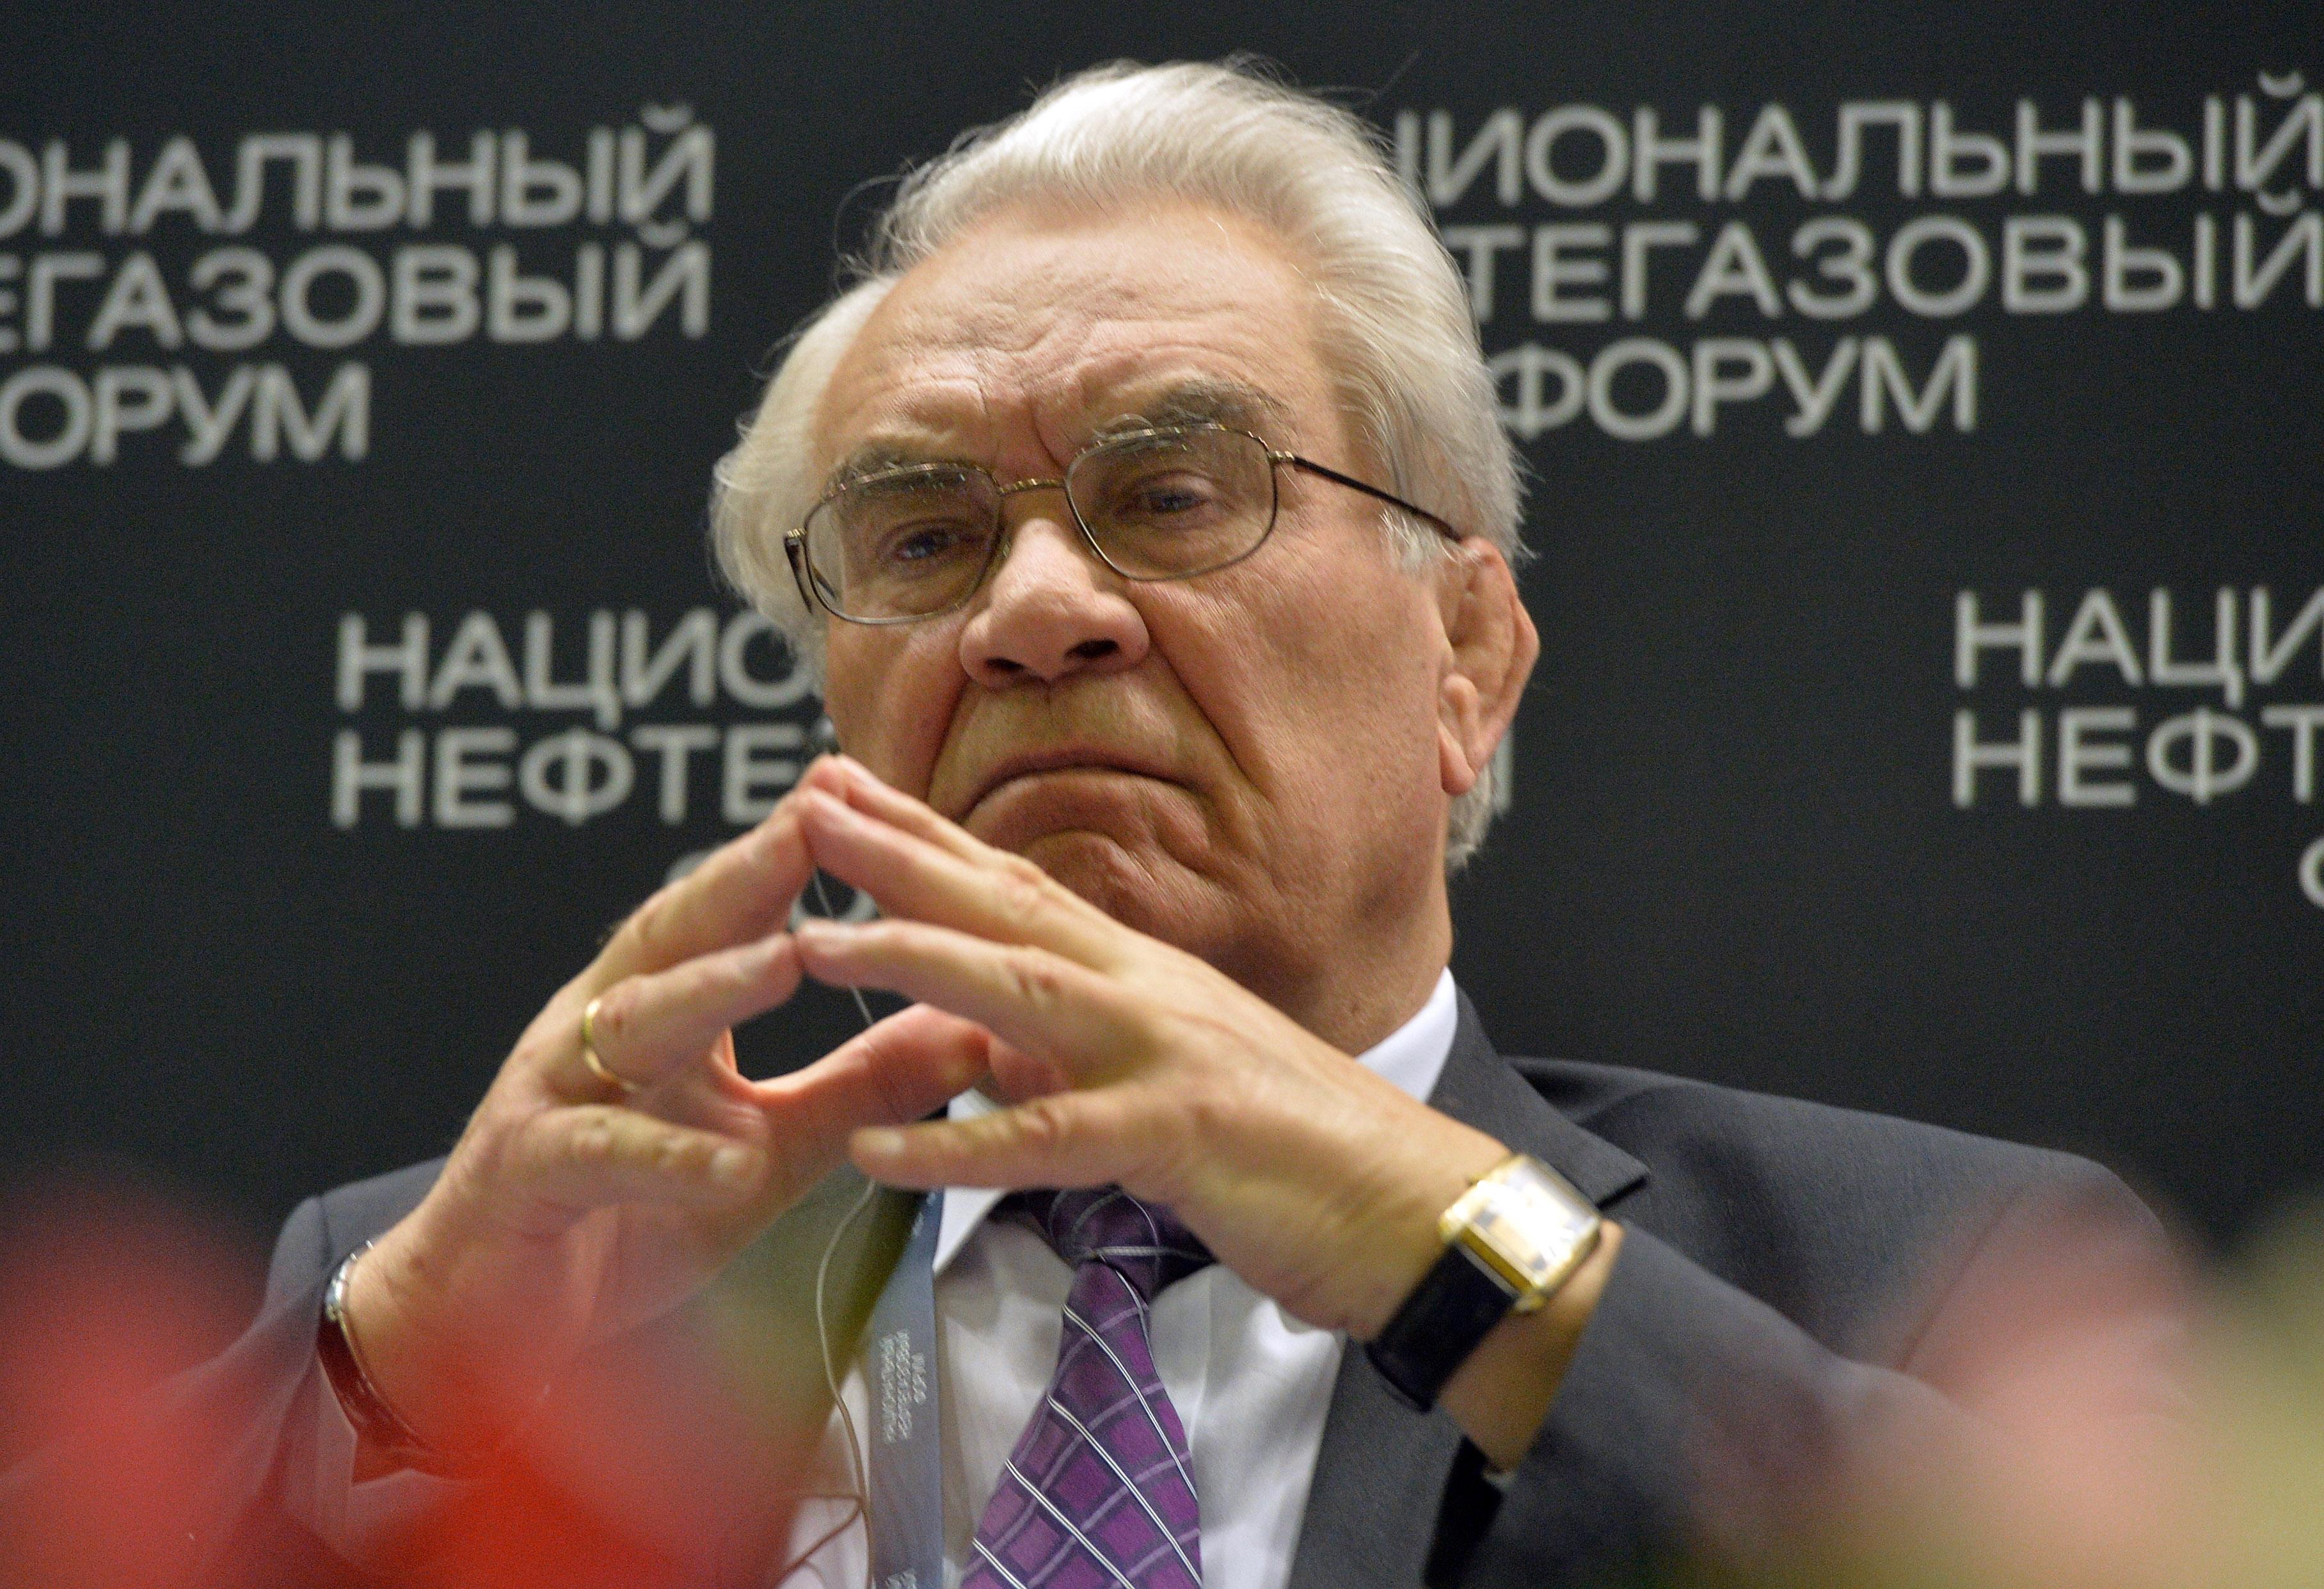 Геннадий Шмаль прокомментировал возможность эмбарго на ввоз в РФ дешевого бензина